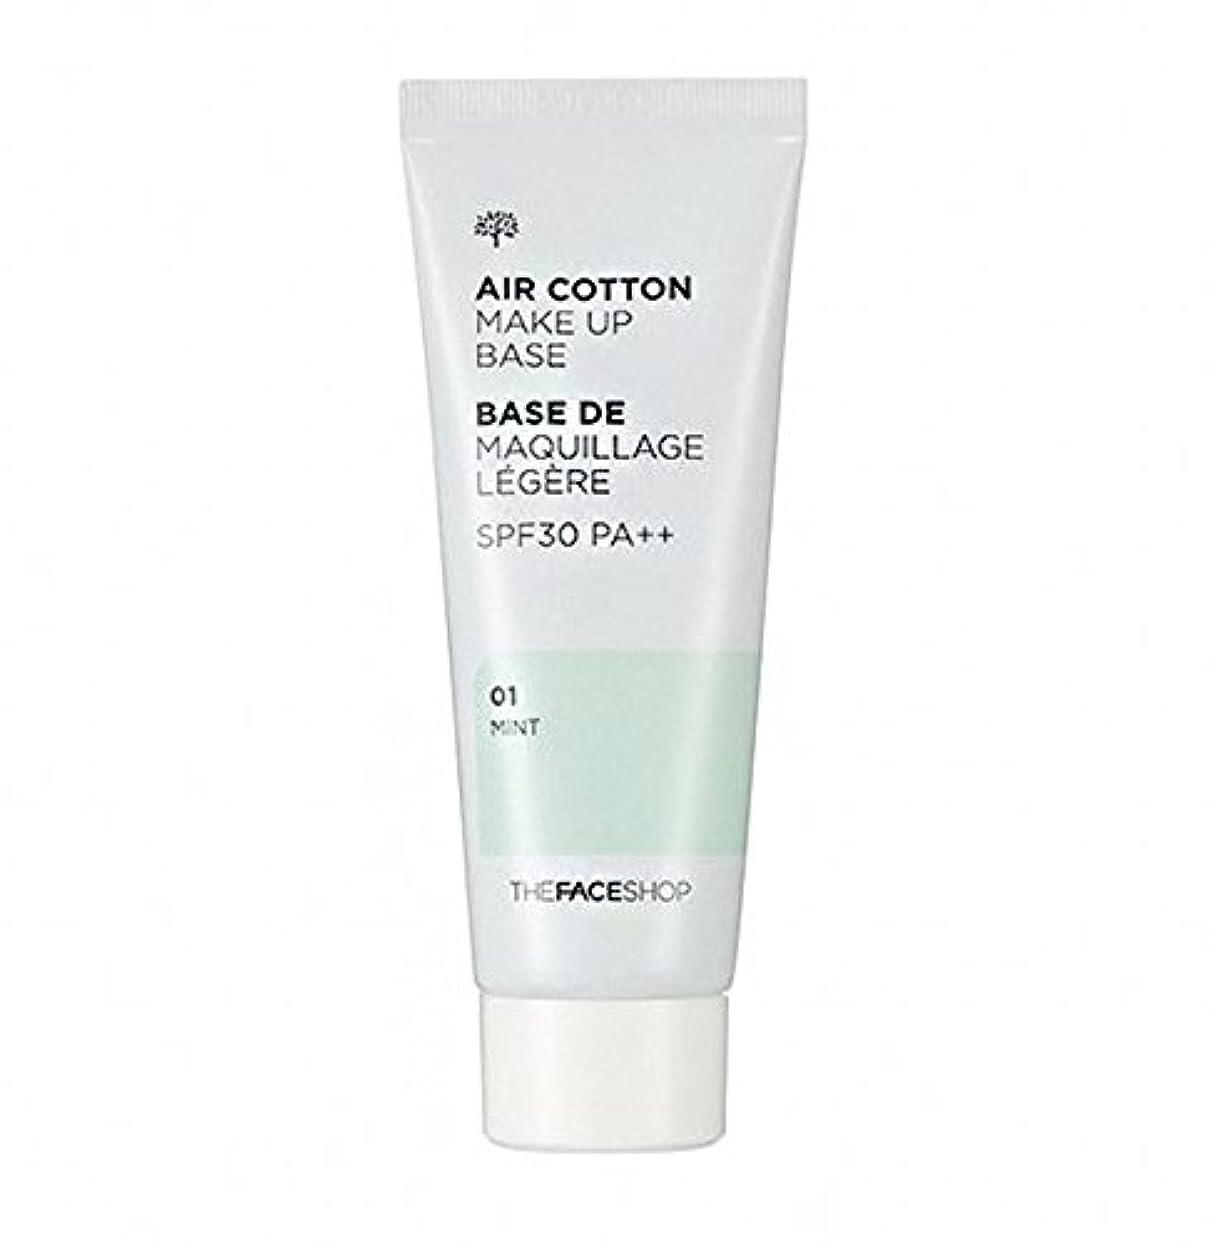 柱正午辛なザ·フェイスショップ The Face Shop エアコットン メーキャップ ベース 40ml(01 ミント) The Face Shop air Cotton Makeup Base 40ml(01 Mint) [海外直送品]